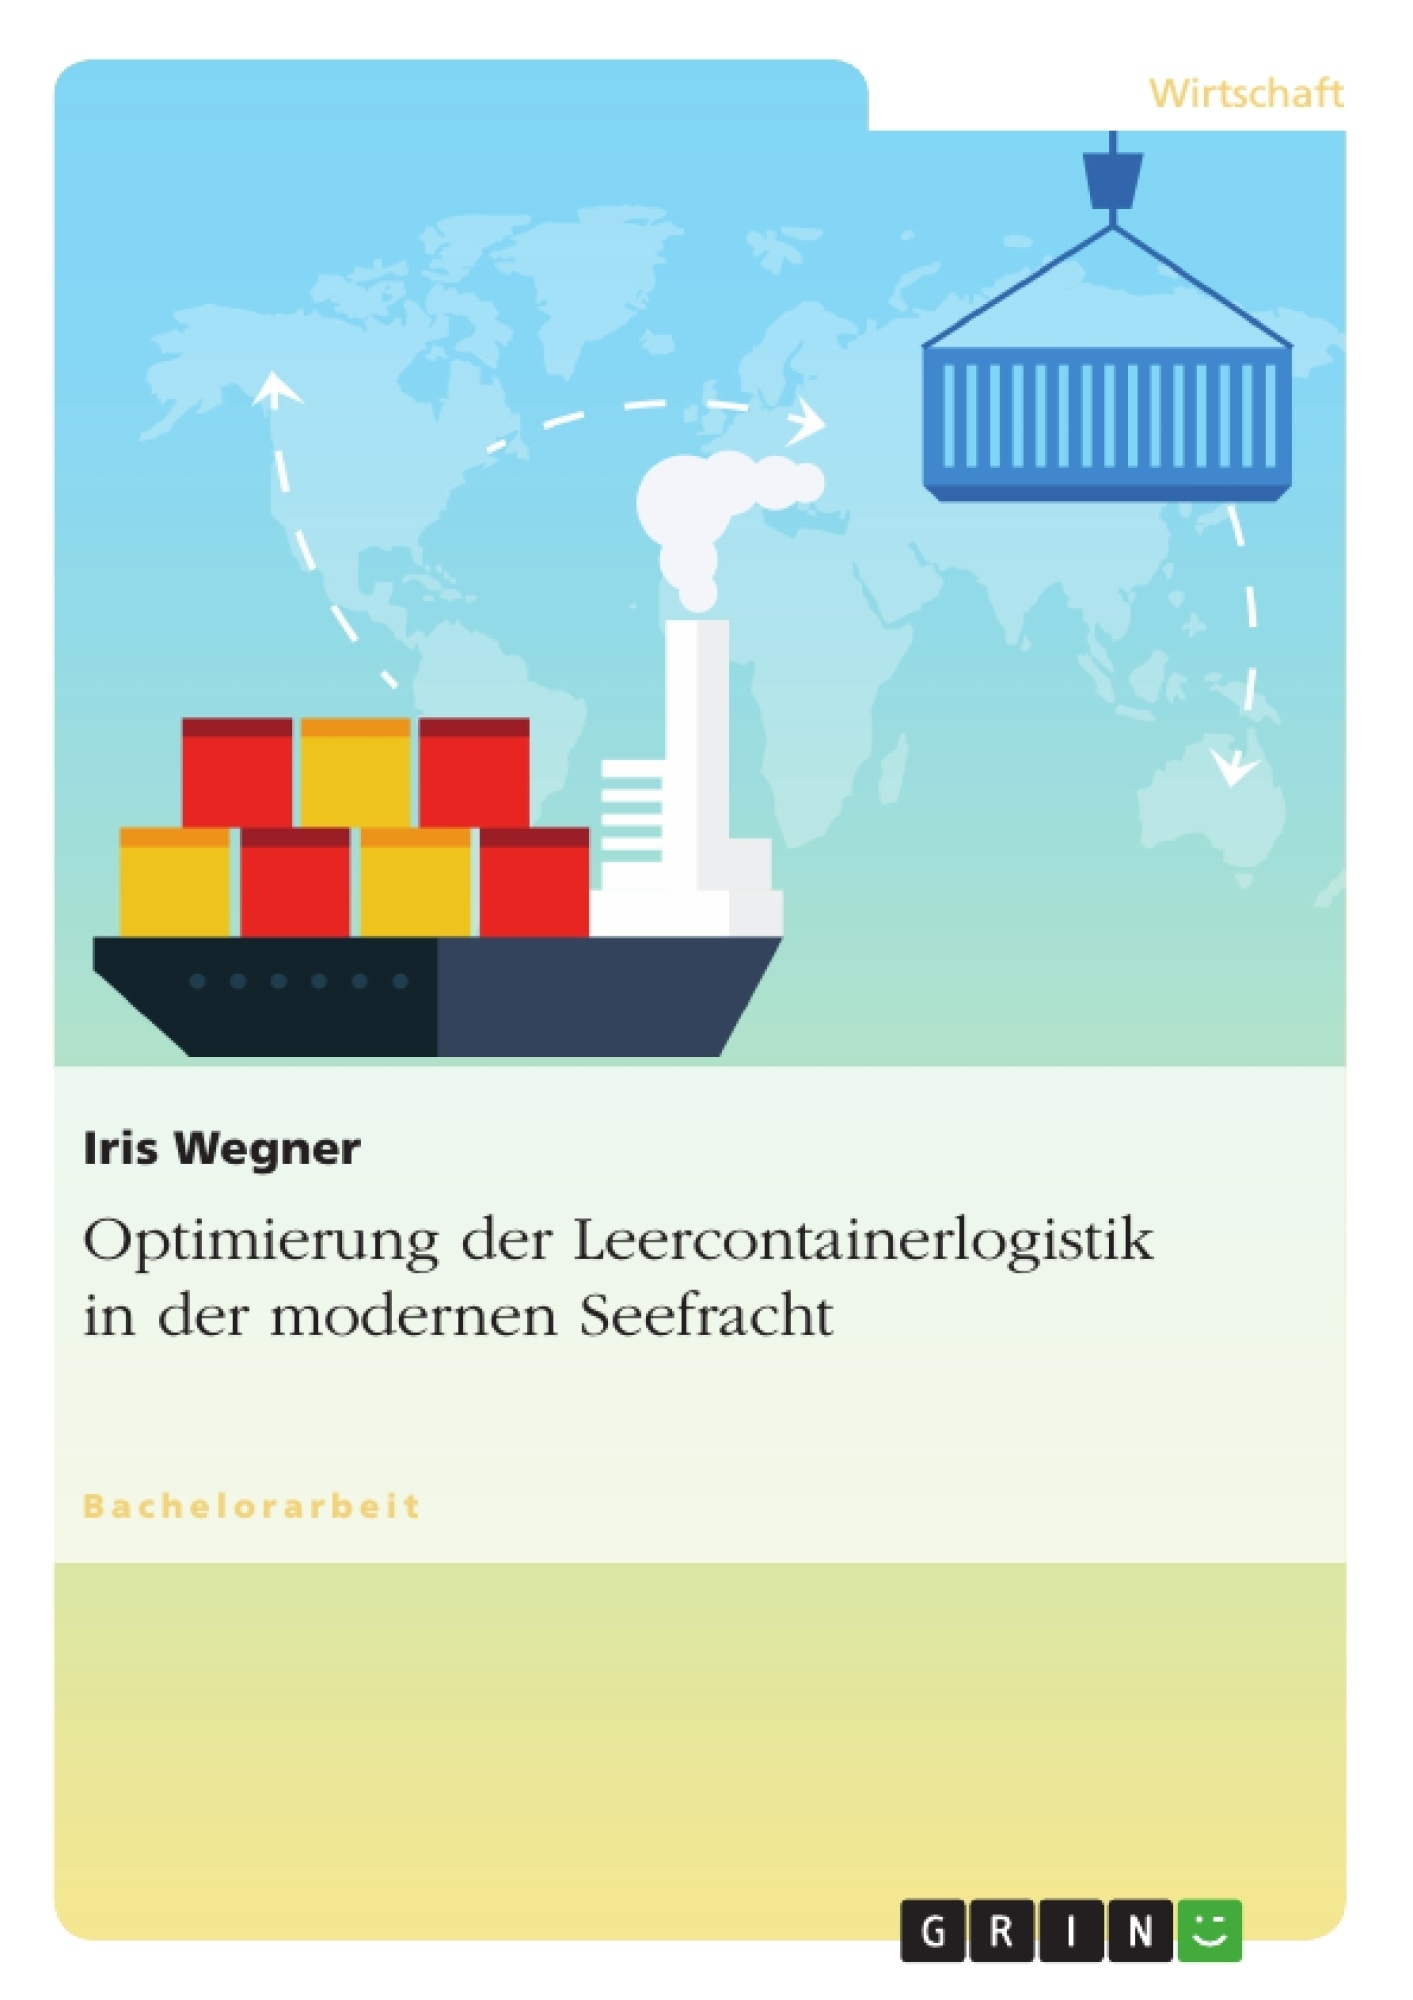 Titel: Optimierung der Leercontainerlogistik in der modernen Seefracht